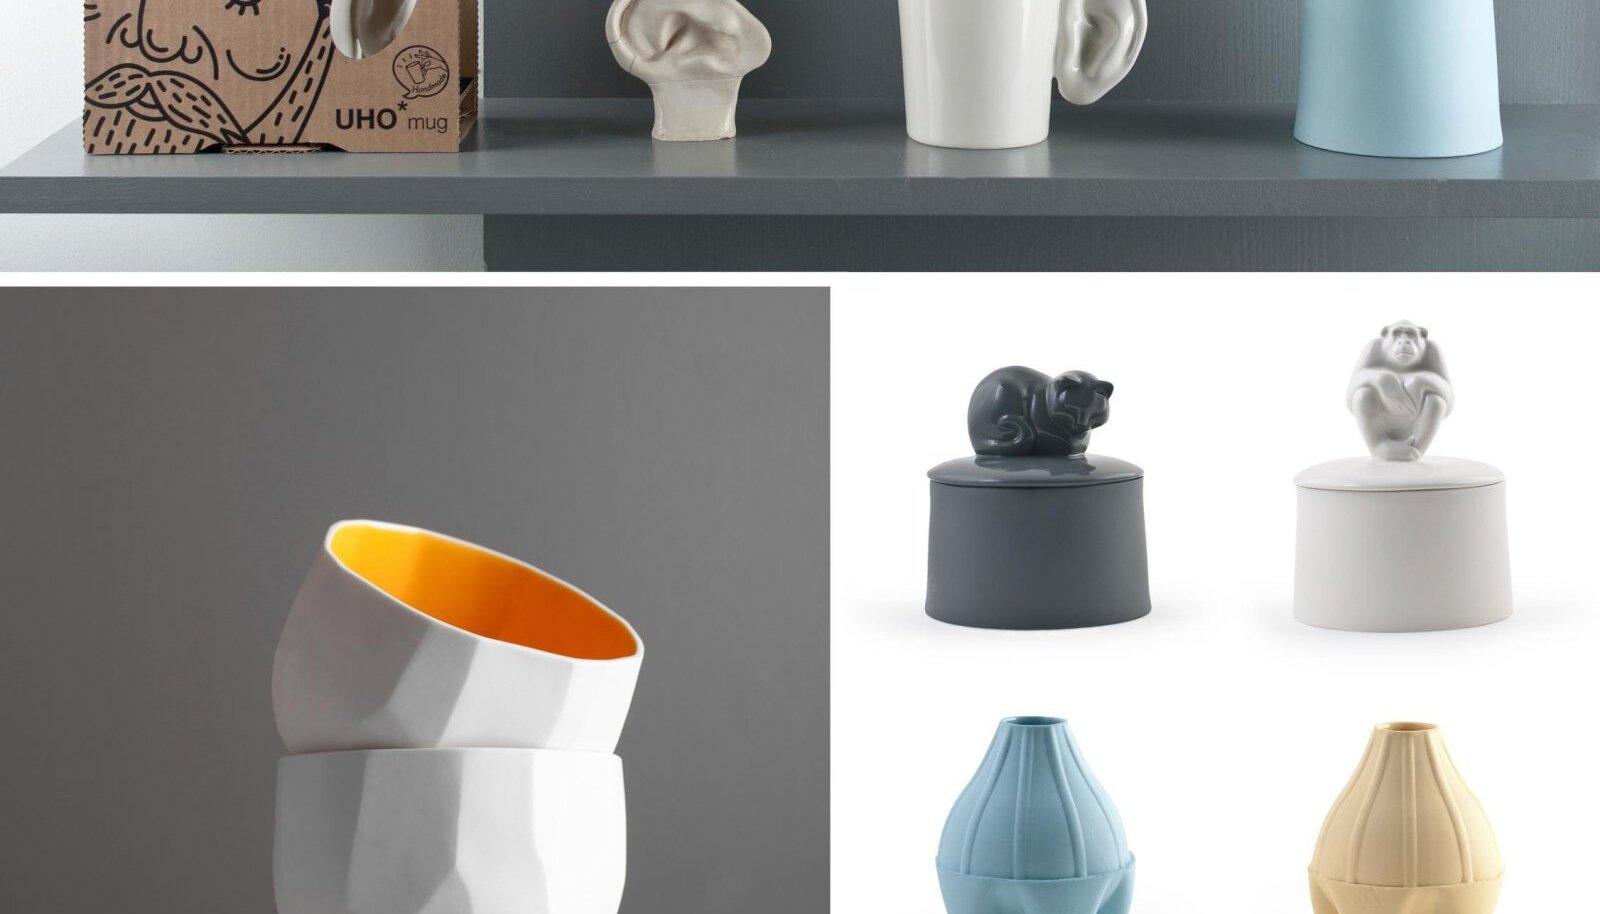 Upstairs shop viib Nordic Buzzile mängulisi, kuid lihtsaid tooteid